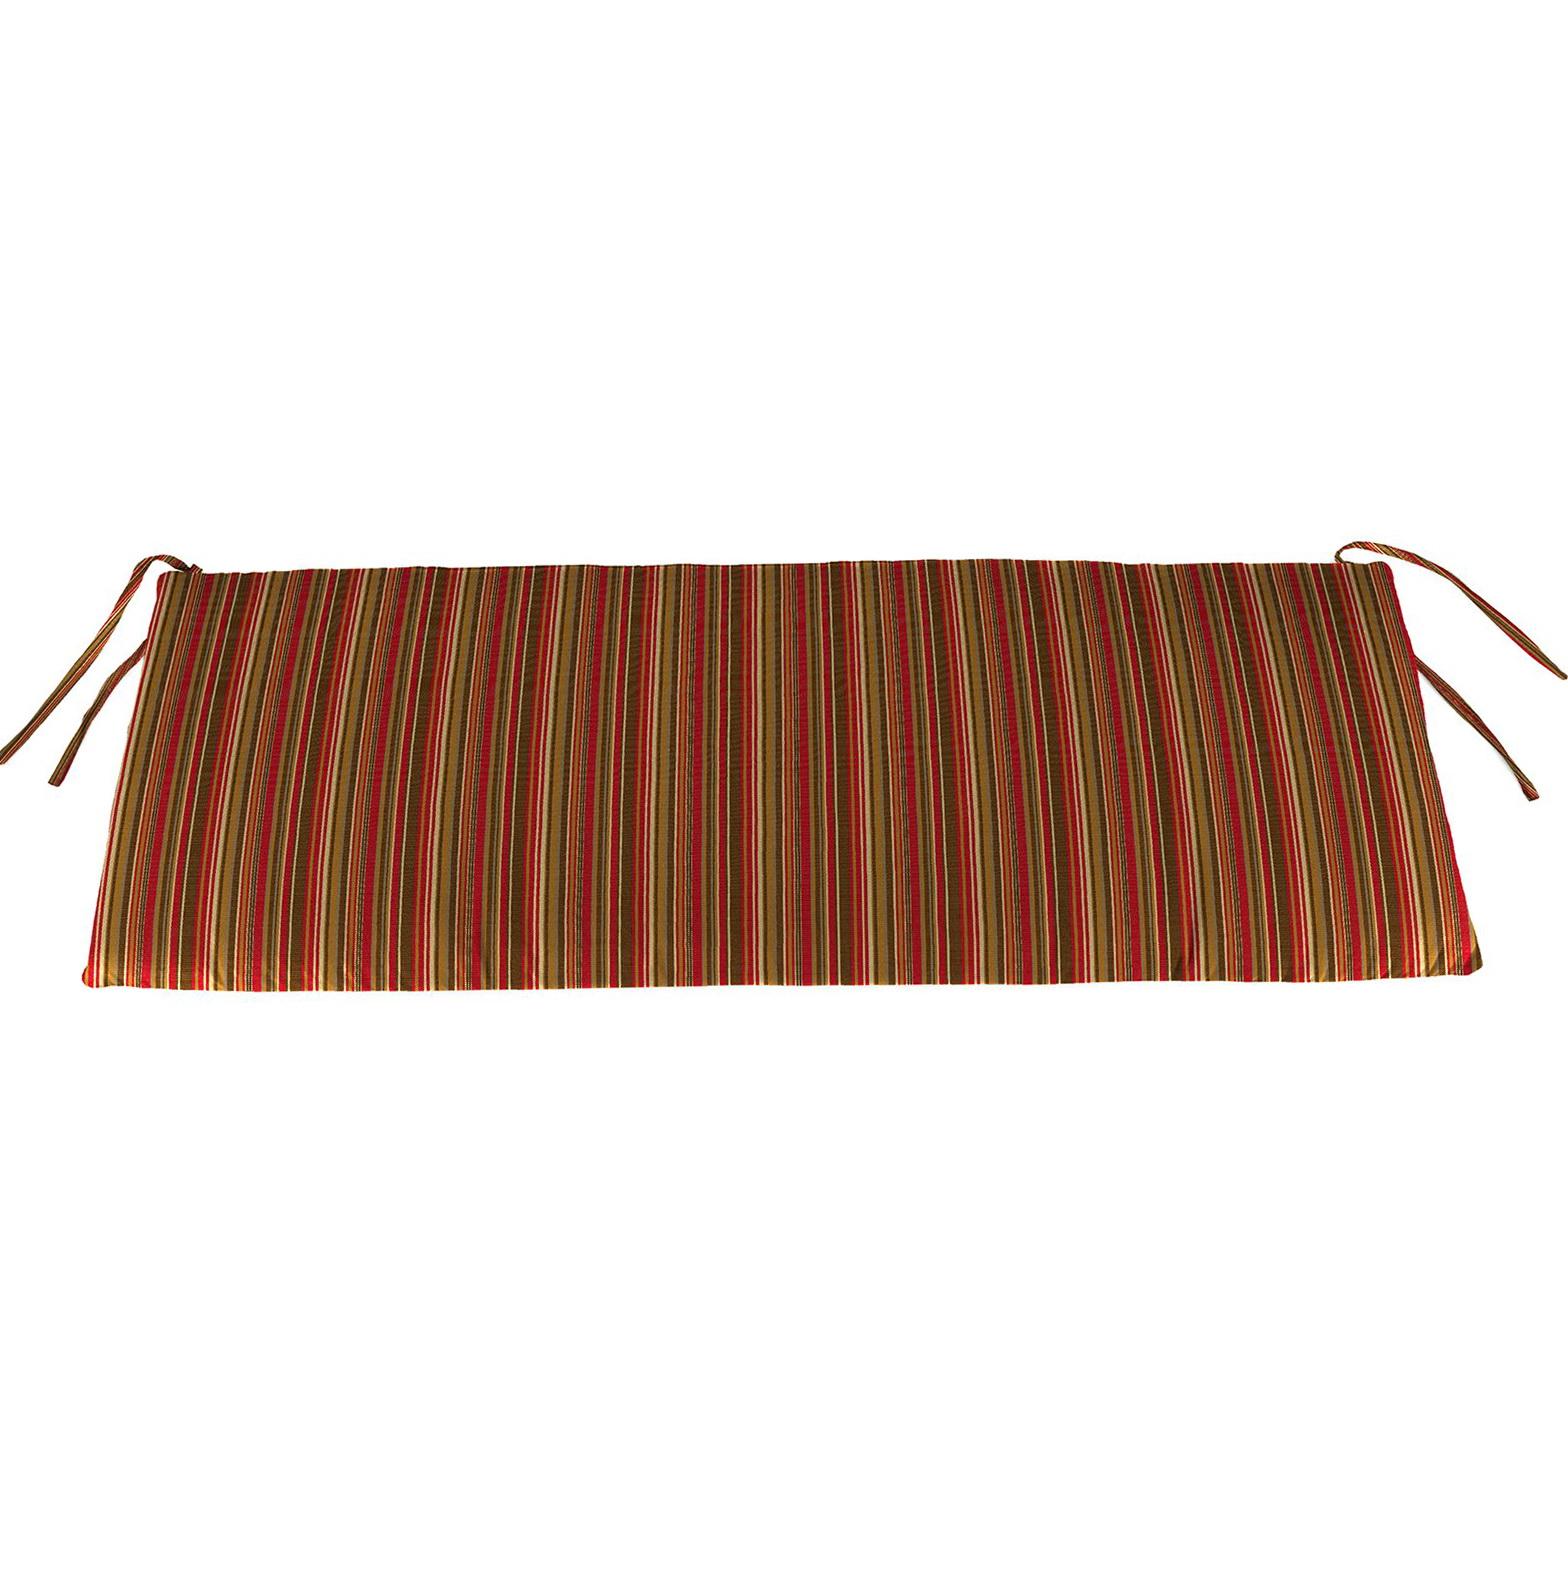 Sunbrella Bench Cushion 6'